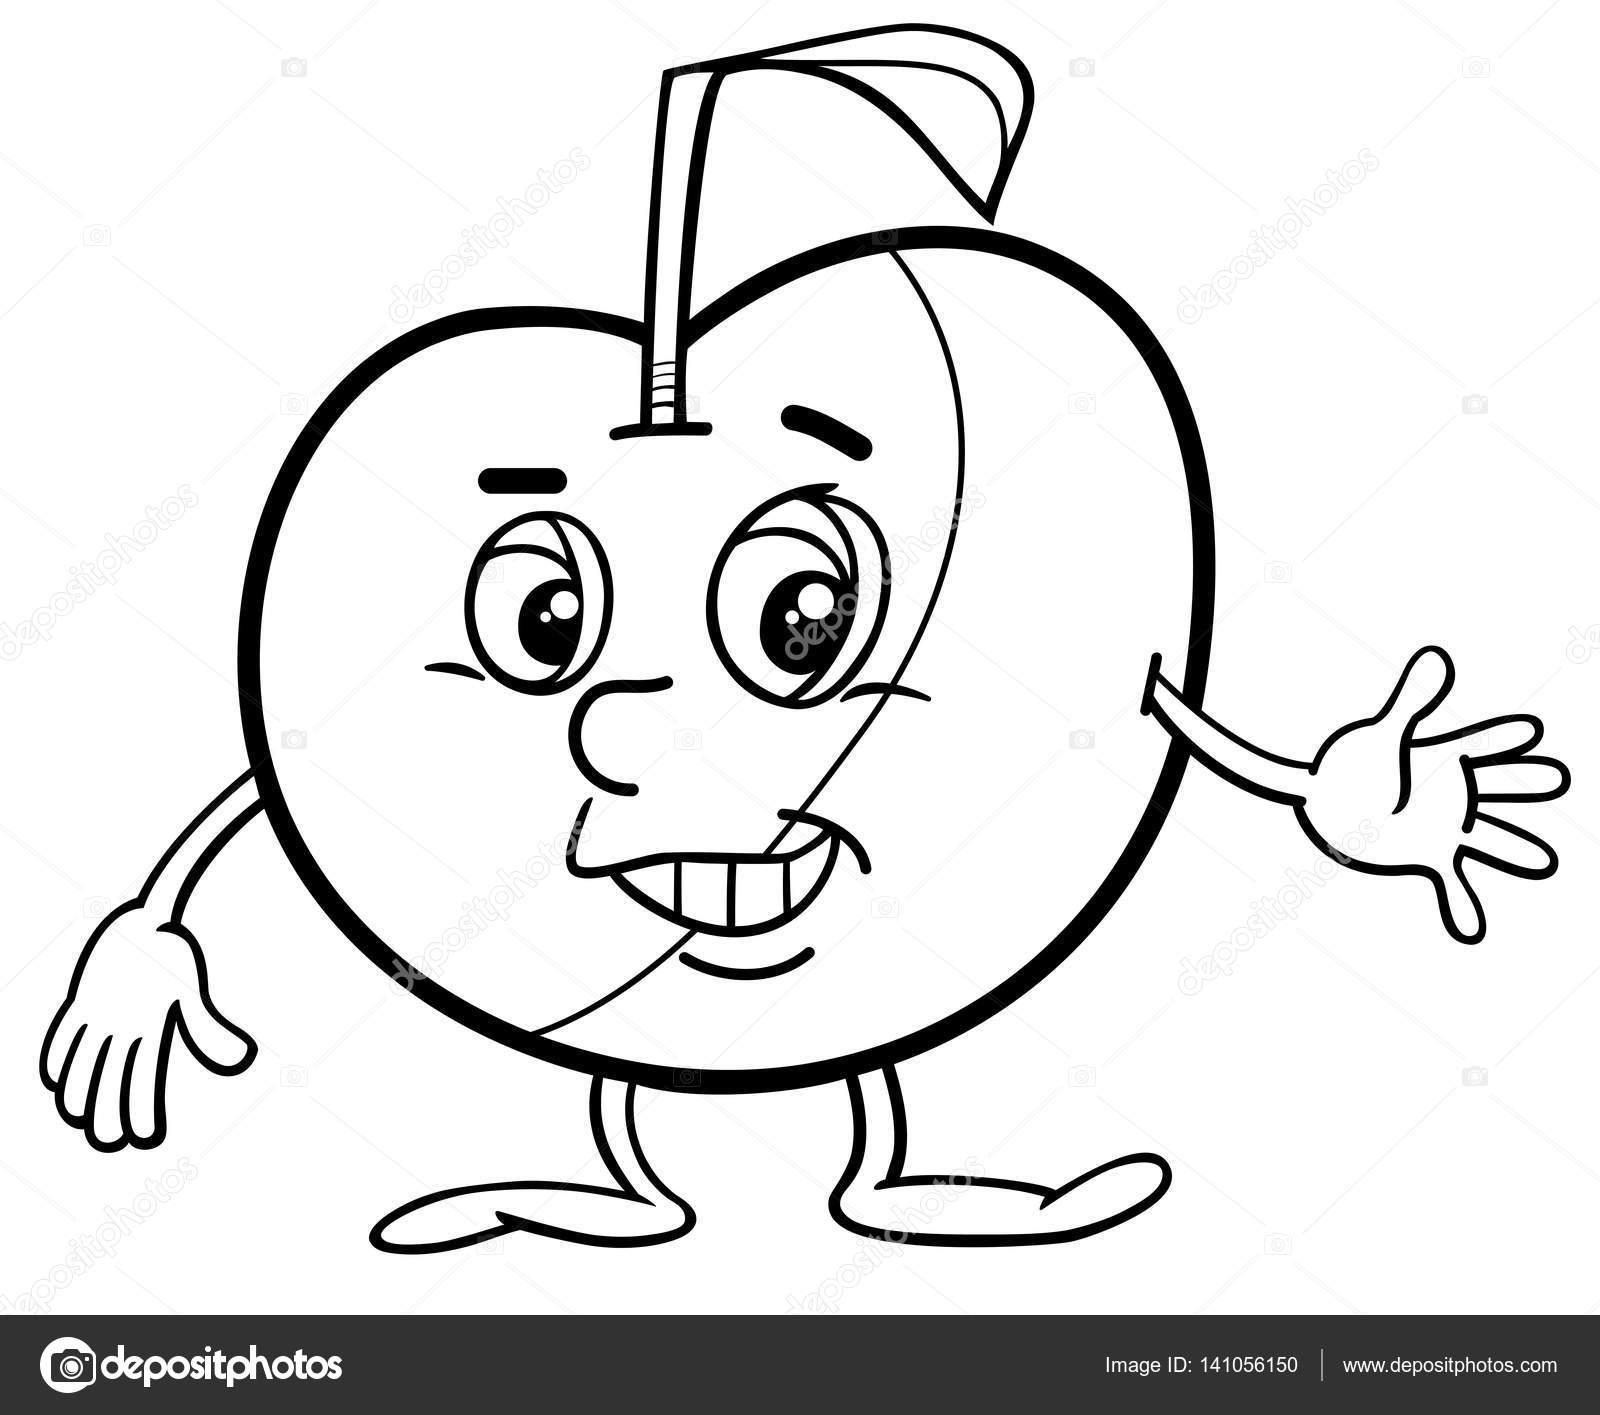 Página para colorear de manzana carácter — Archivo Imágenes ...